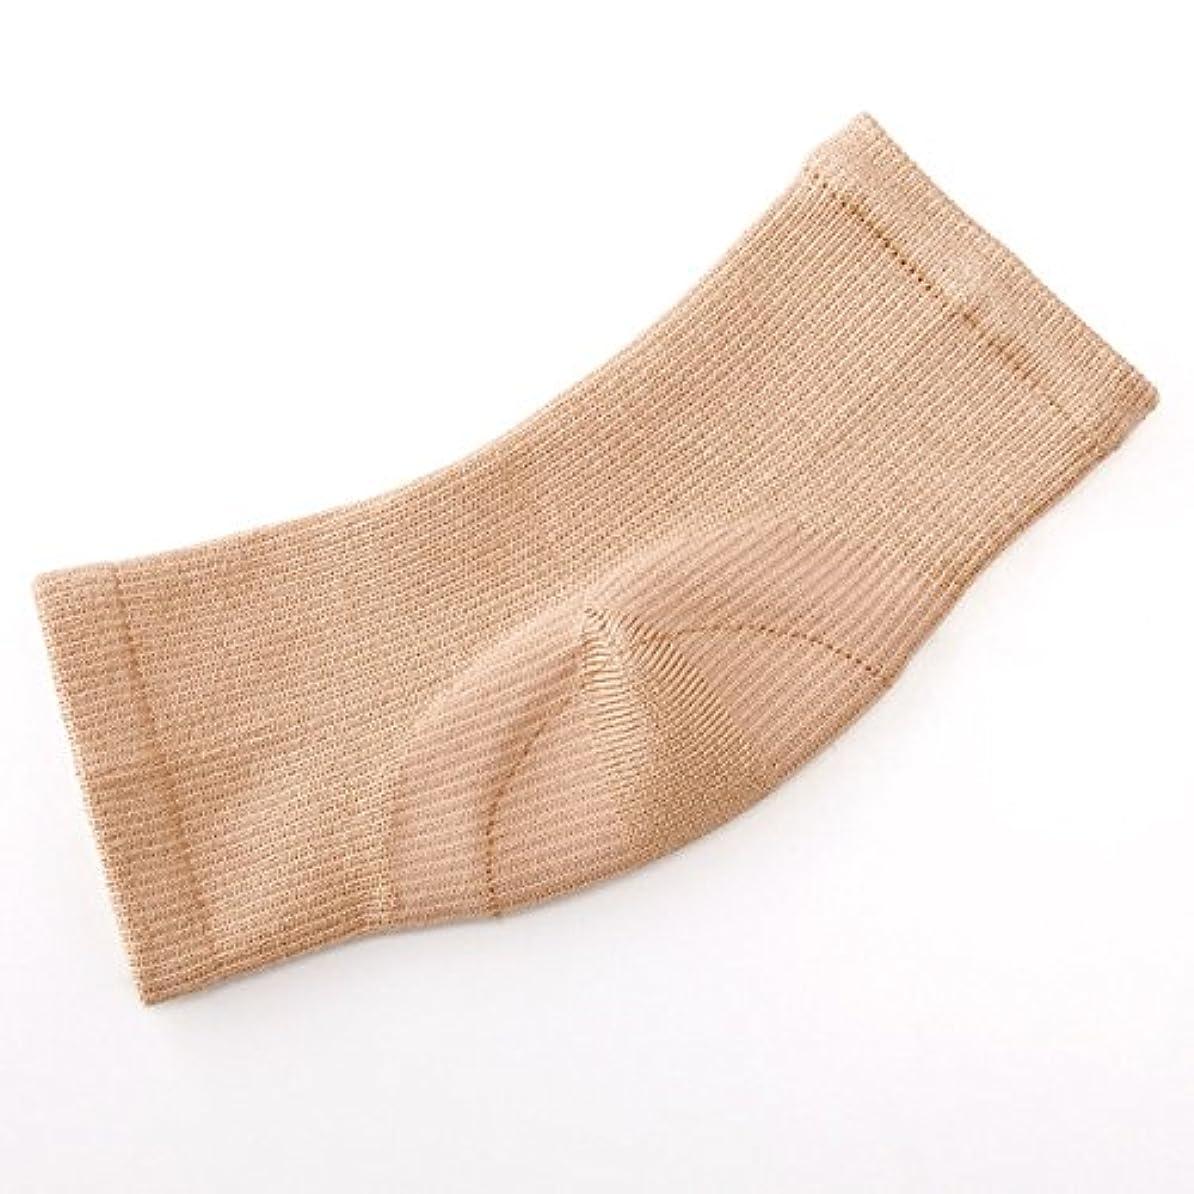 こねるカヌー倍率シルク混かかと足裏つるるん シルク混 フットカバー かかと 保湿 フットケア 靴下